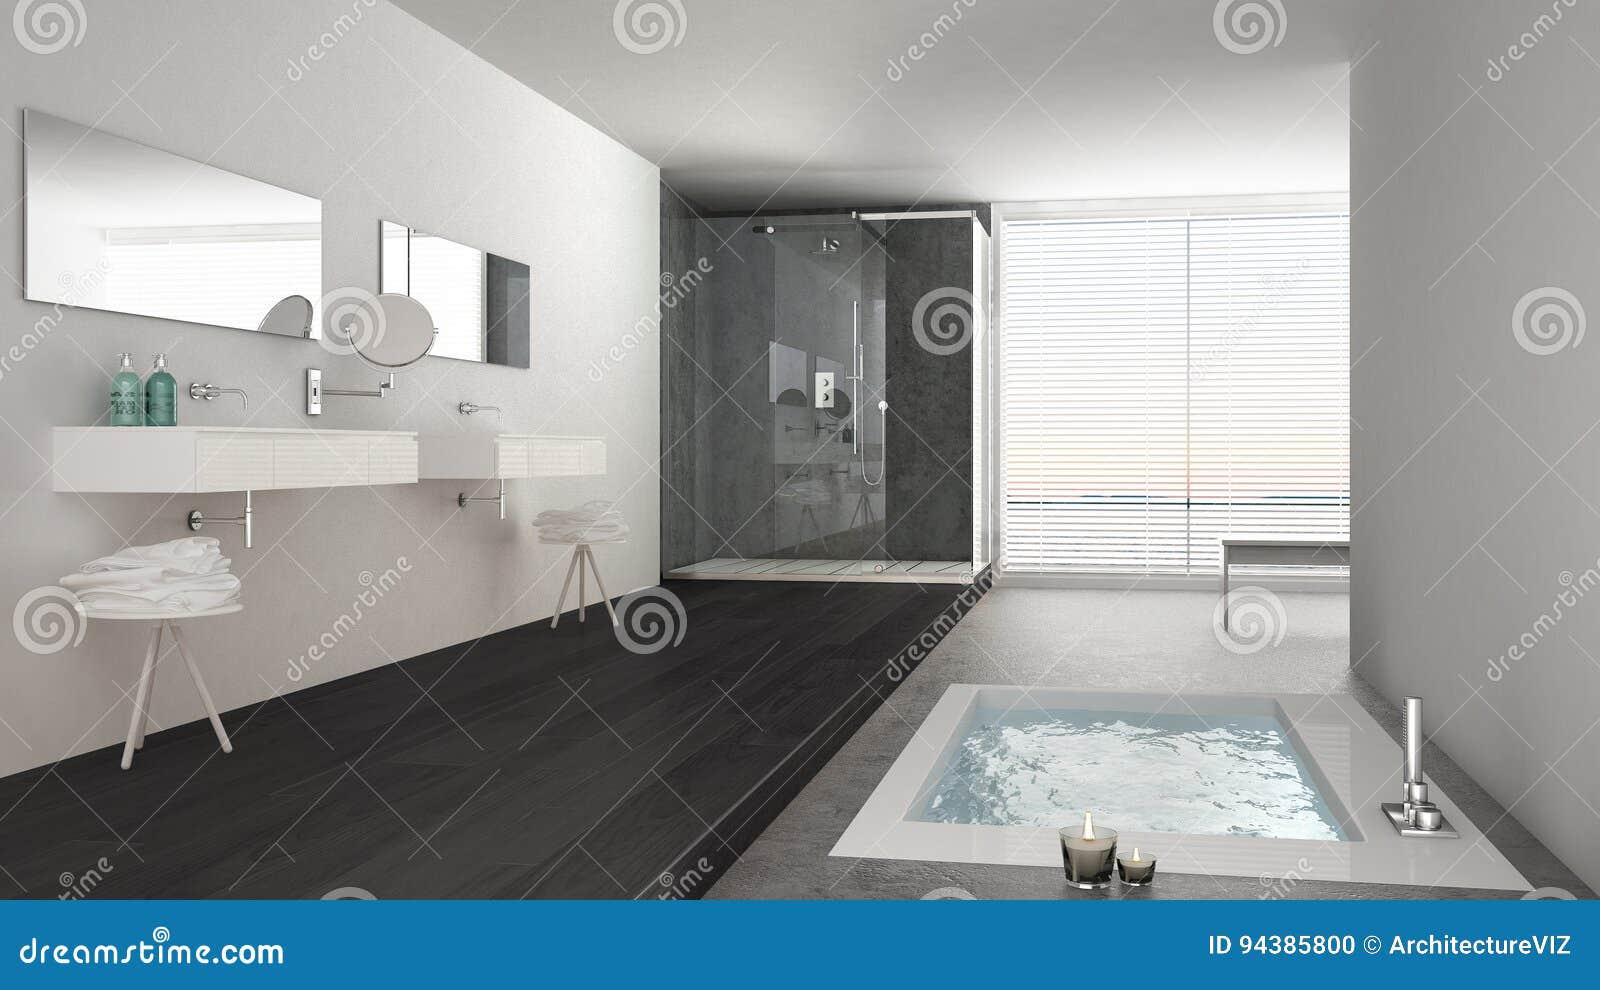 Beeindruckend Graues Badezimmer Referenz Von Pattern Unbedeutendes Weißes Und Mit Badewanne Und